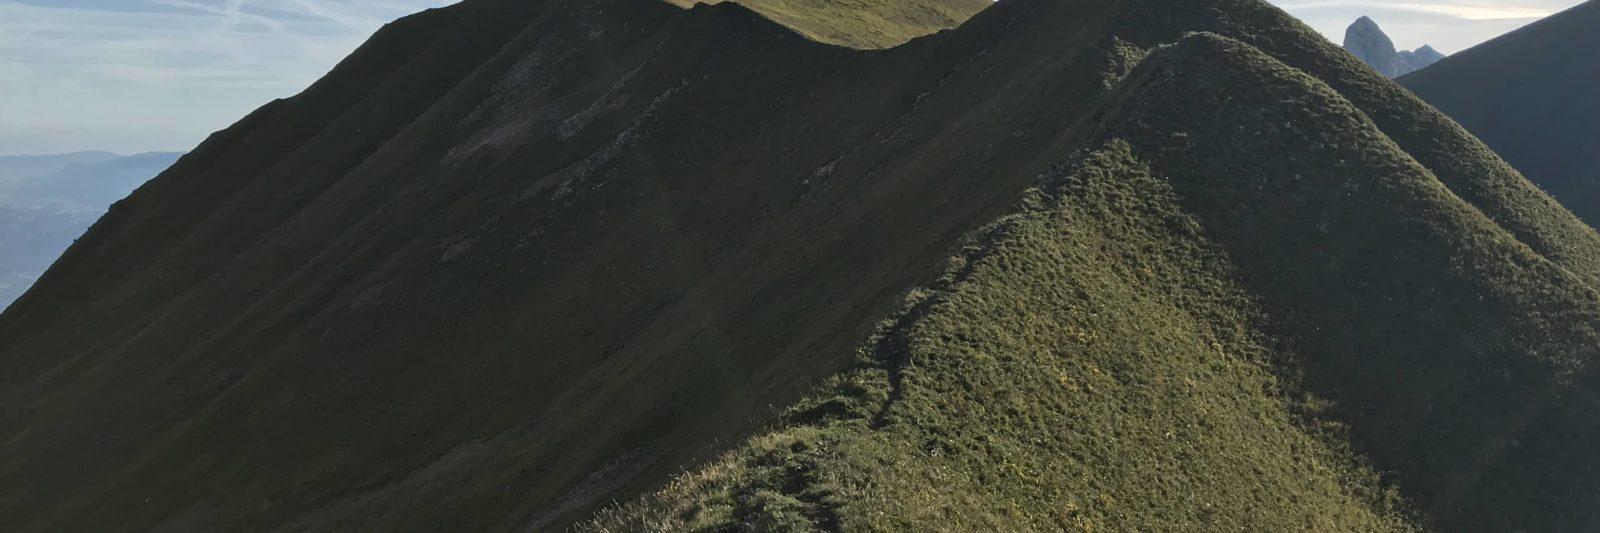 Les crêtes de Charousse: le Léman vu d'en haut